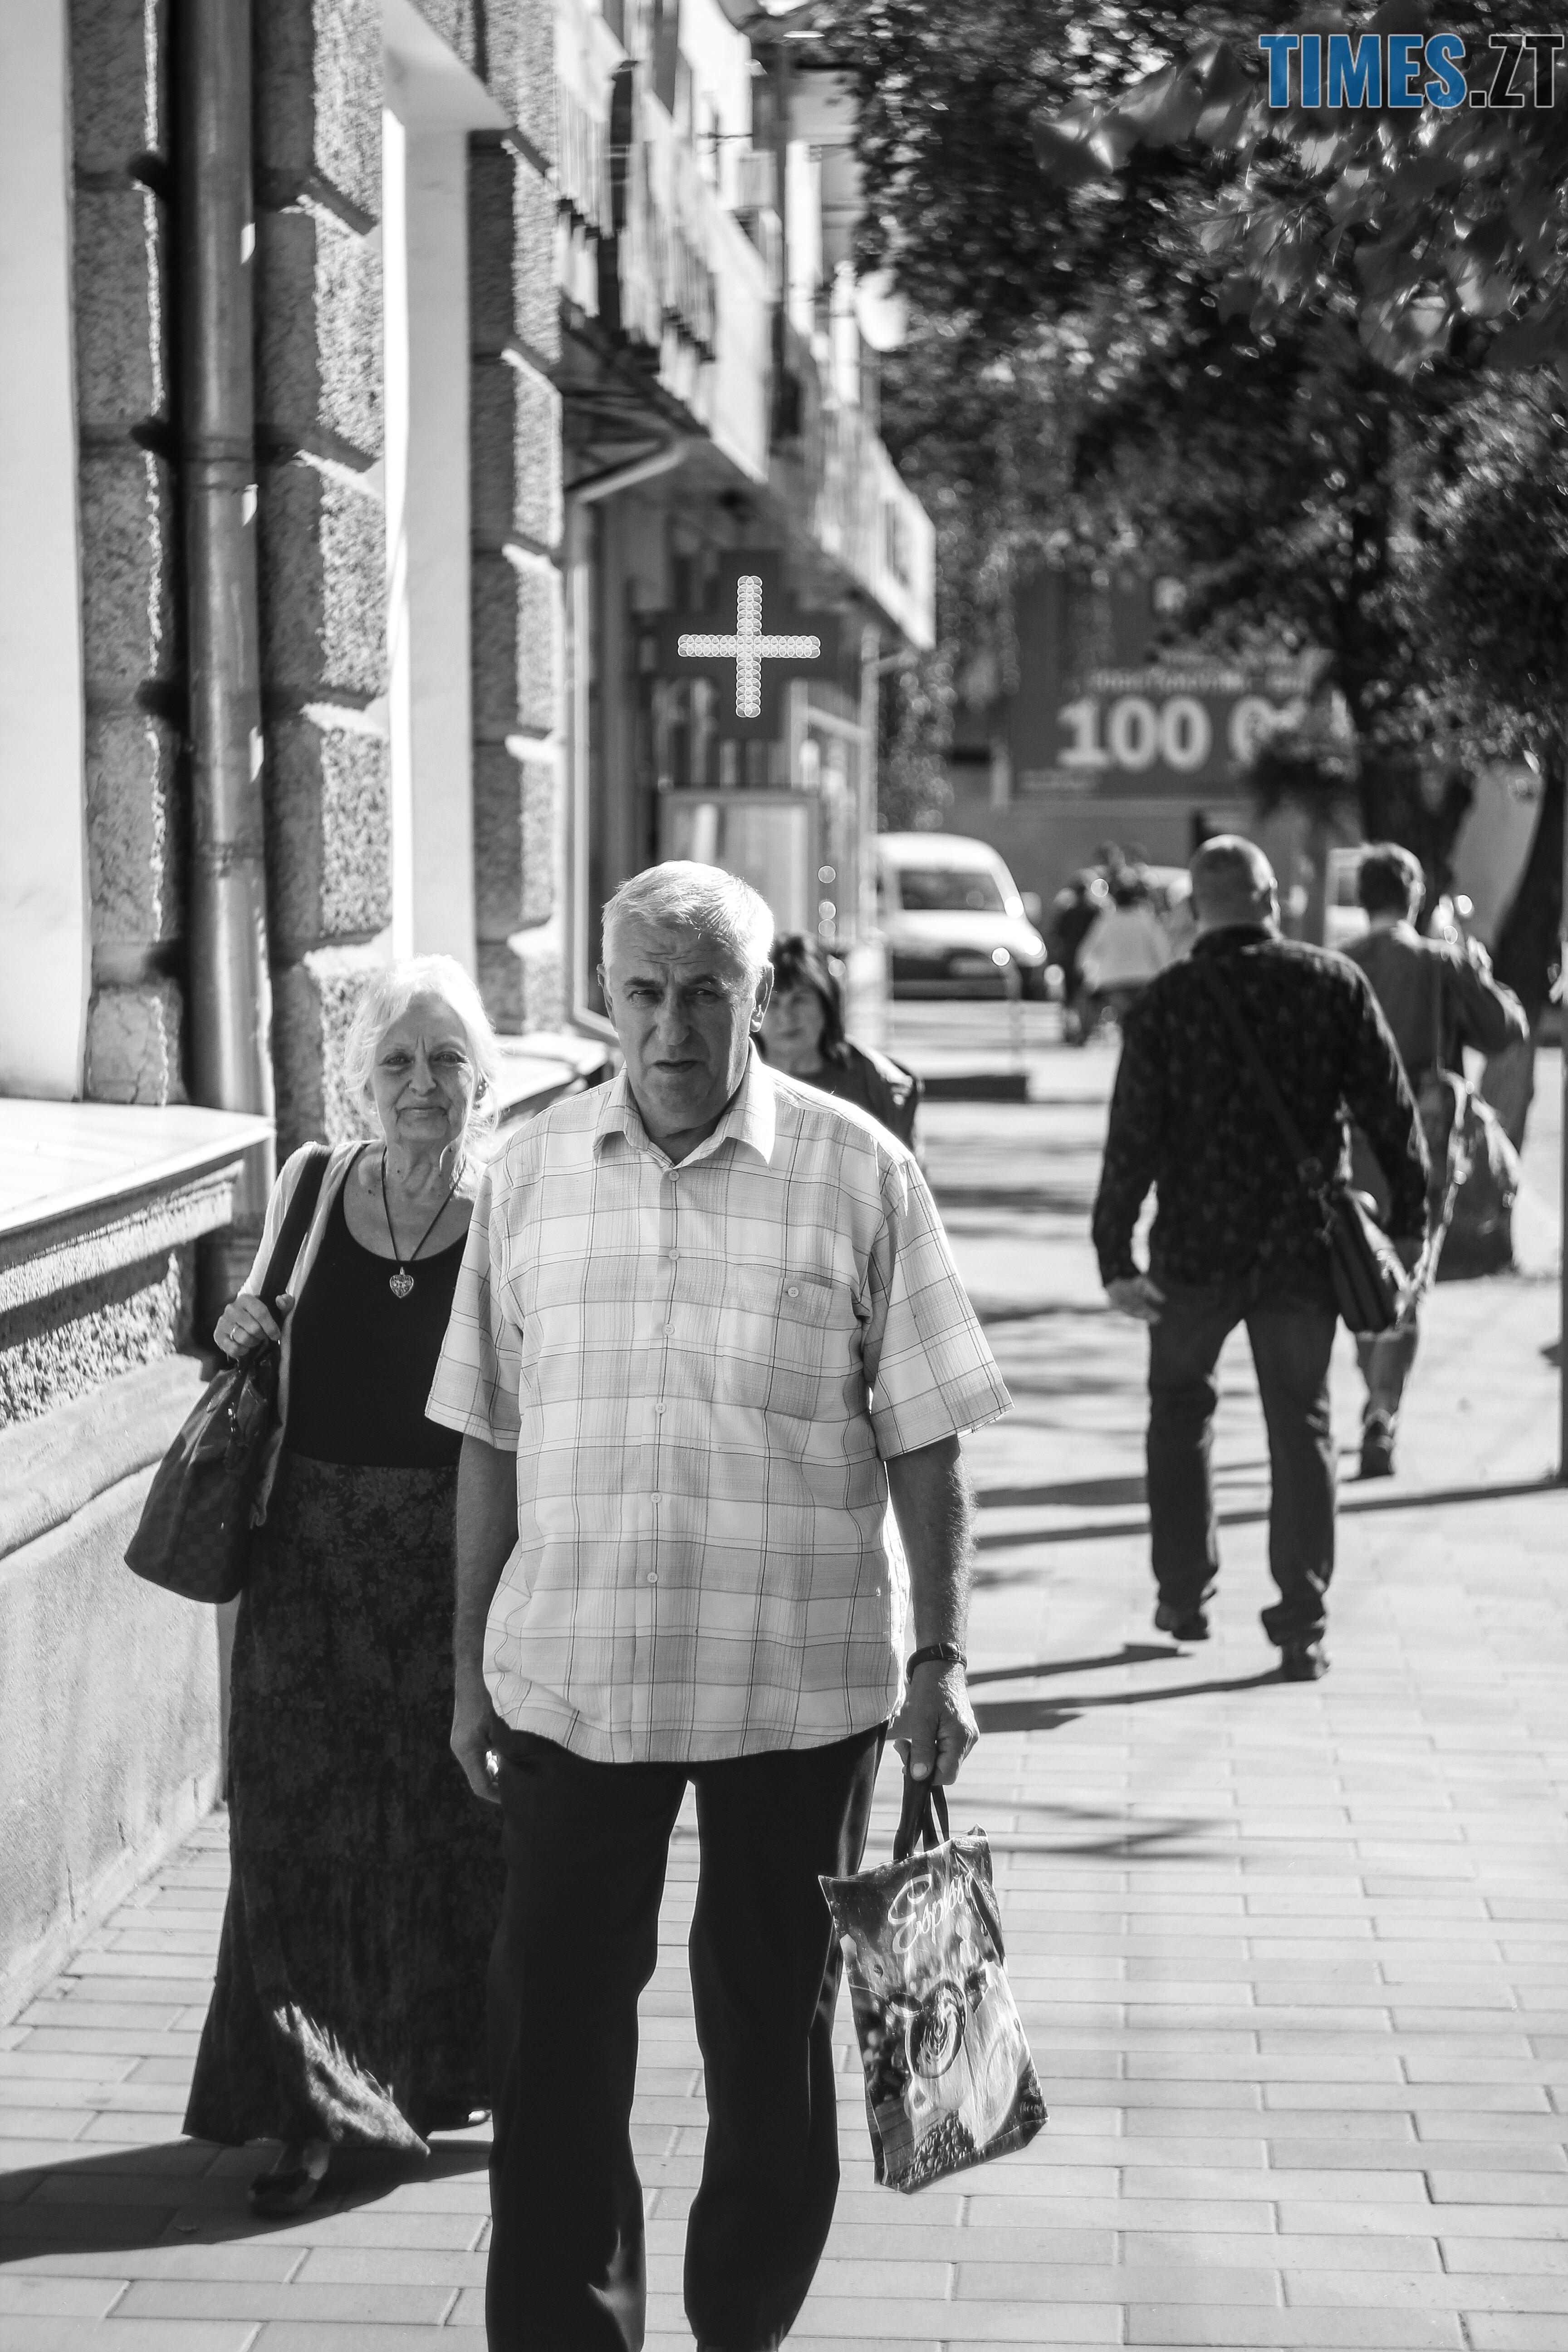 IMG 0023 - Старість чи її відчуття: звичайні будні житомирян поважного віку (ФОТОРЕПОРТАЖ)